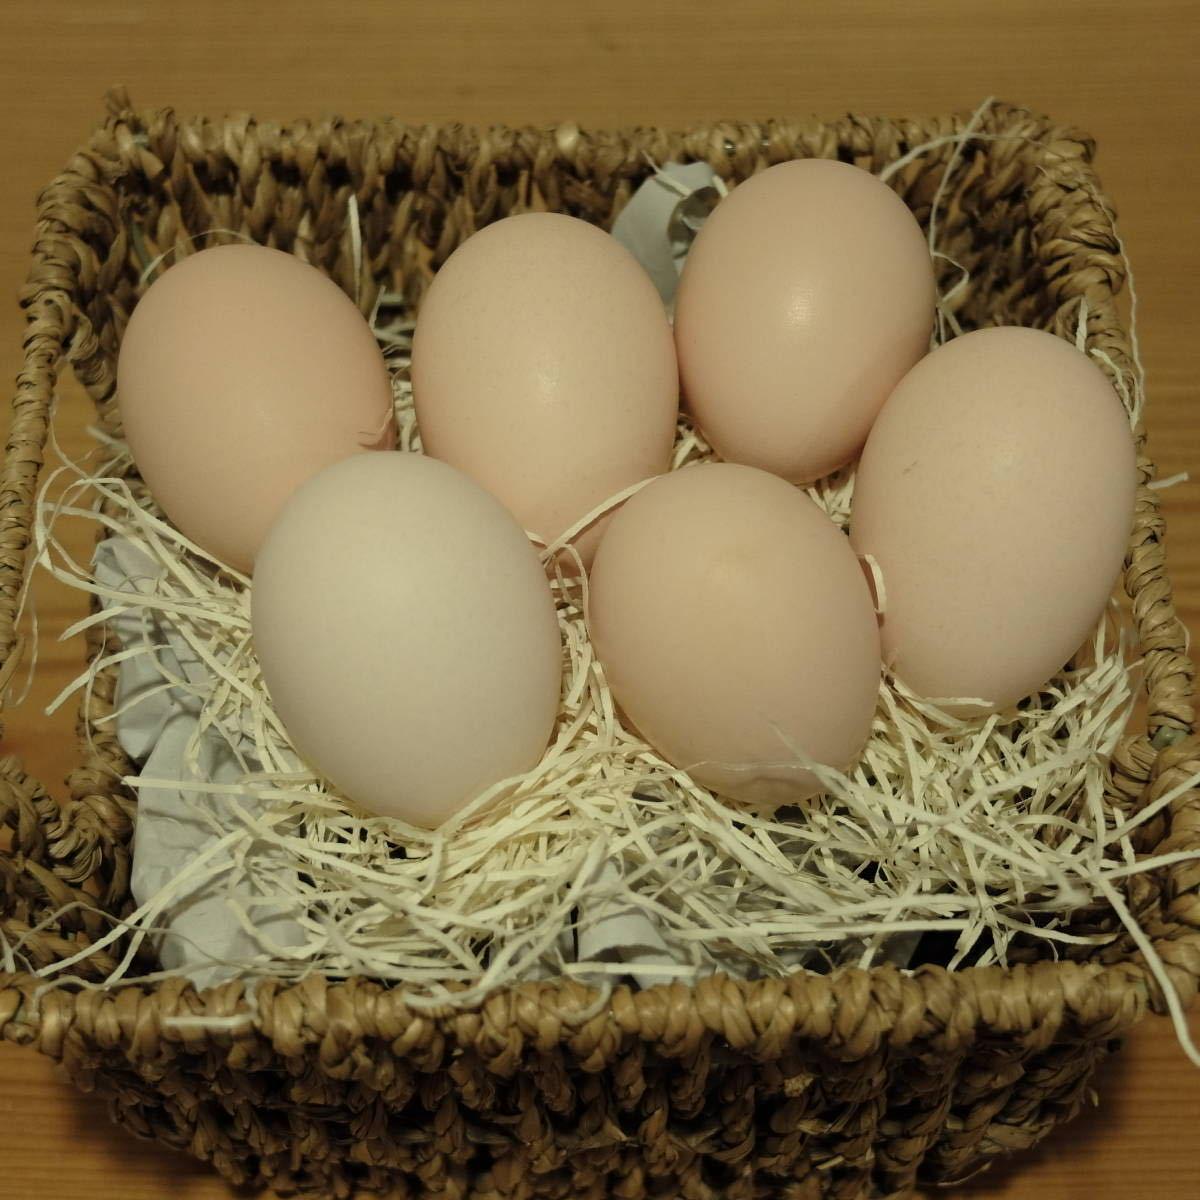 烏骨鶏の卵 必要な個数ご購入下さい 平飼い ゲージフリーエッグ cage-free eggs 有精卵②_画像4